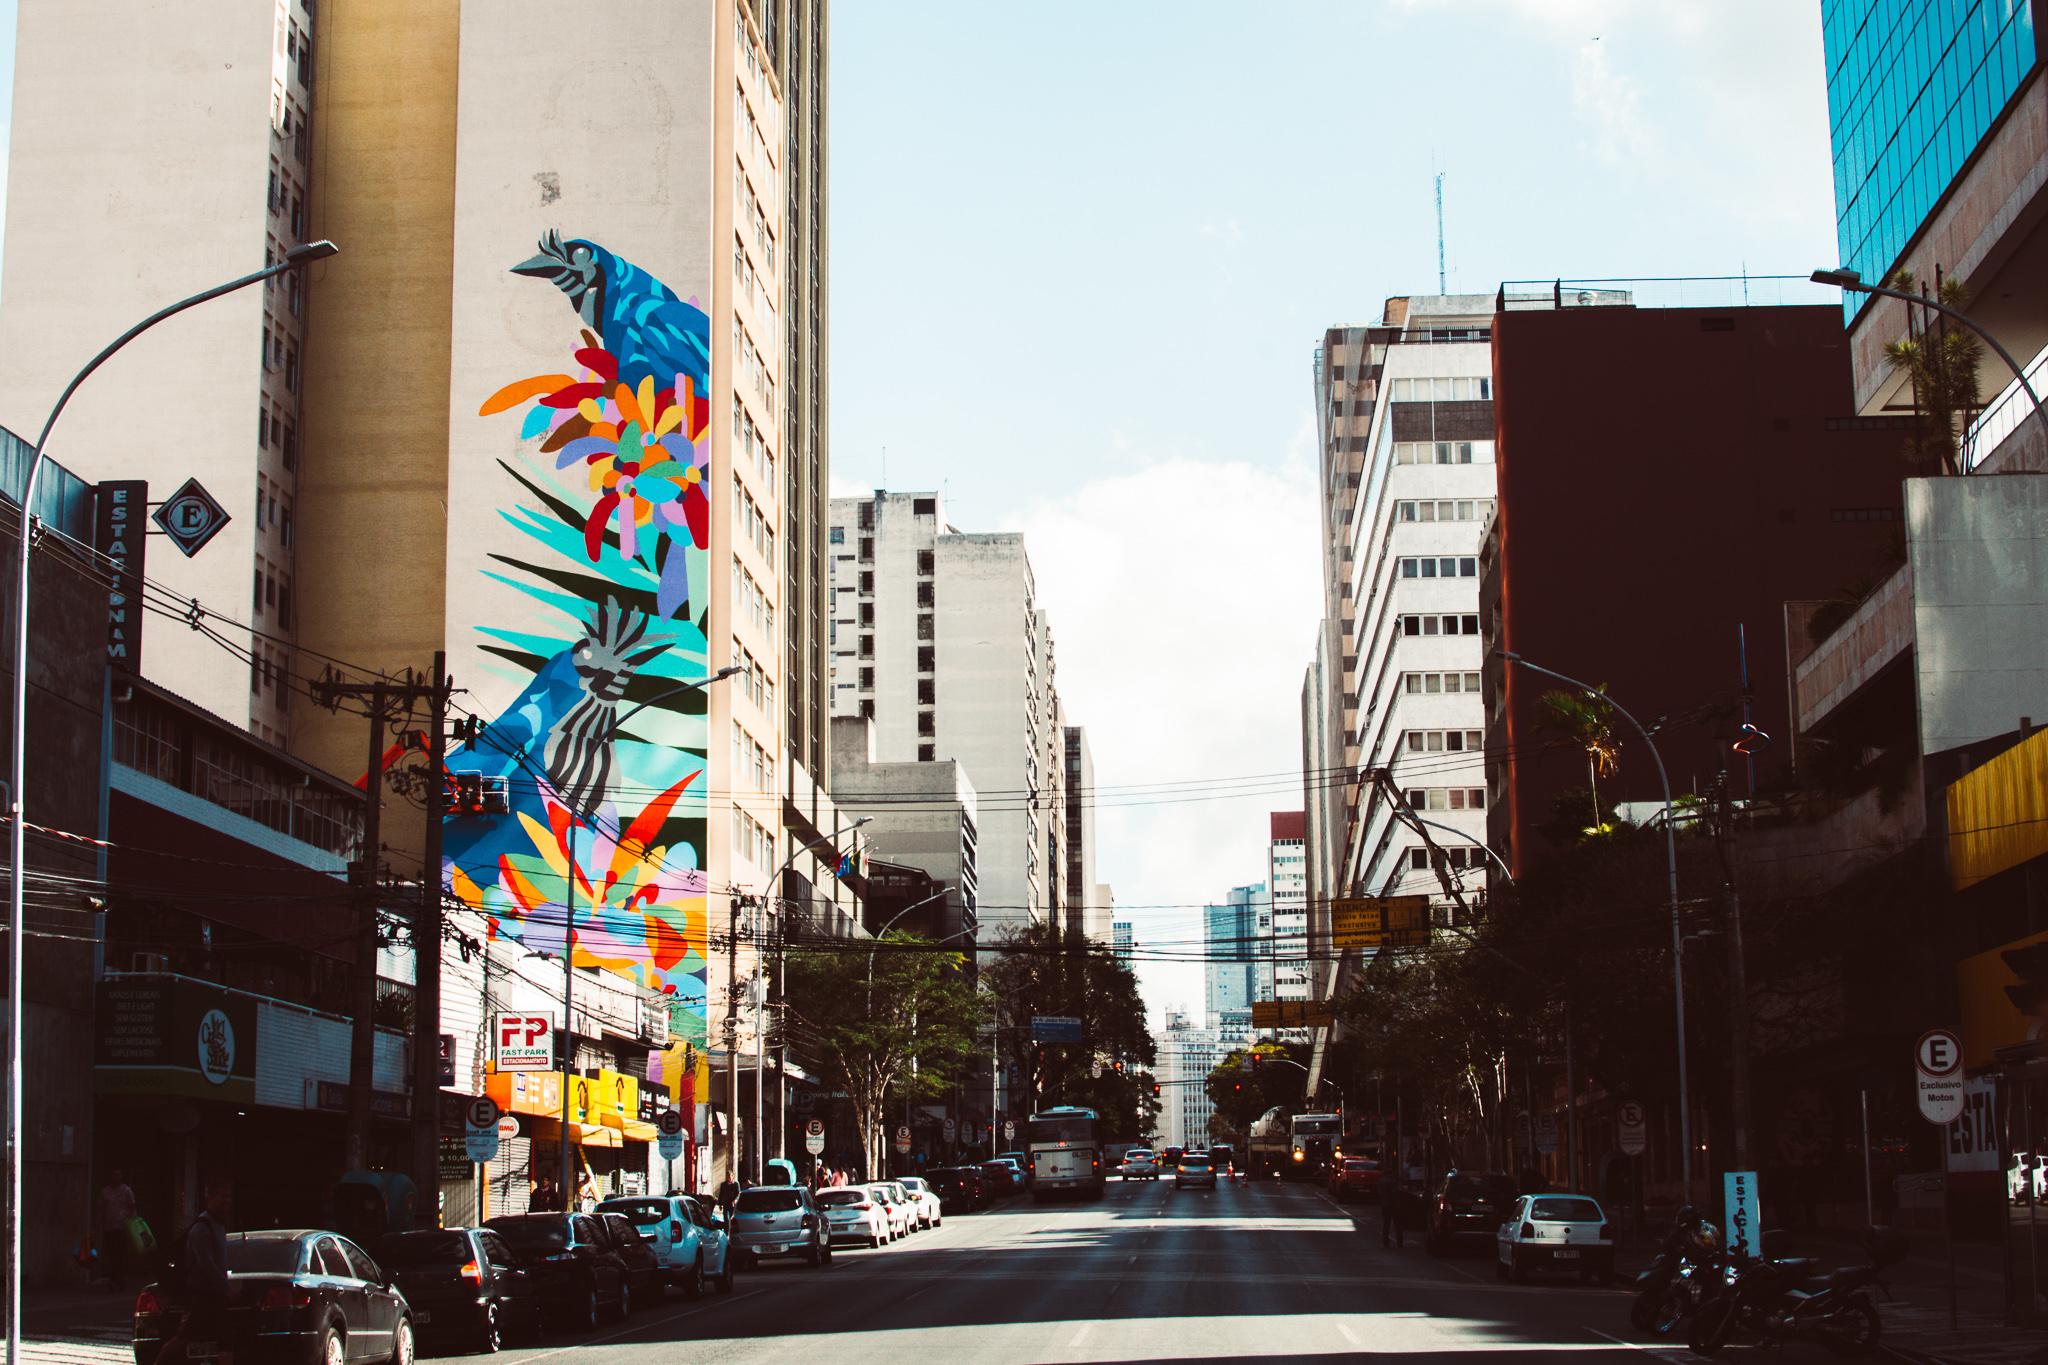 Deixando o Centro de Curitiba Colorida